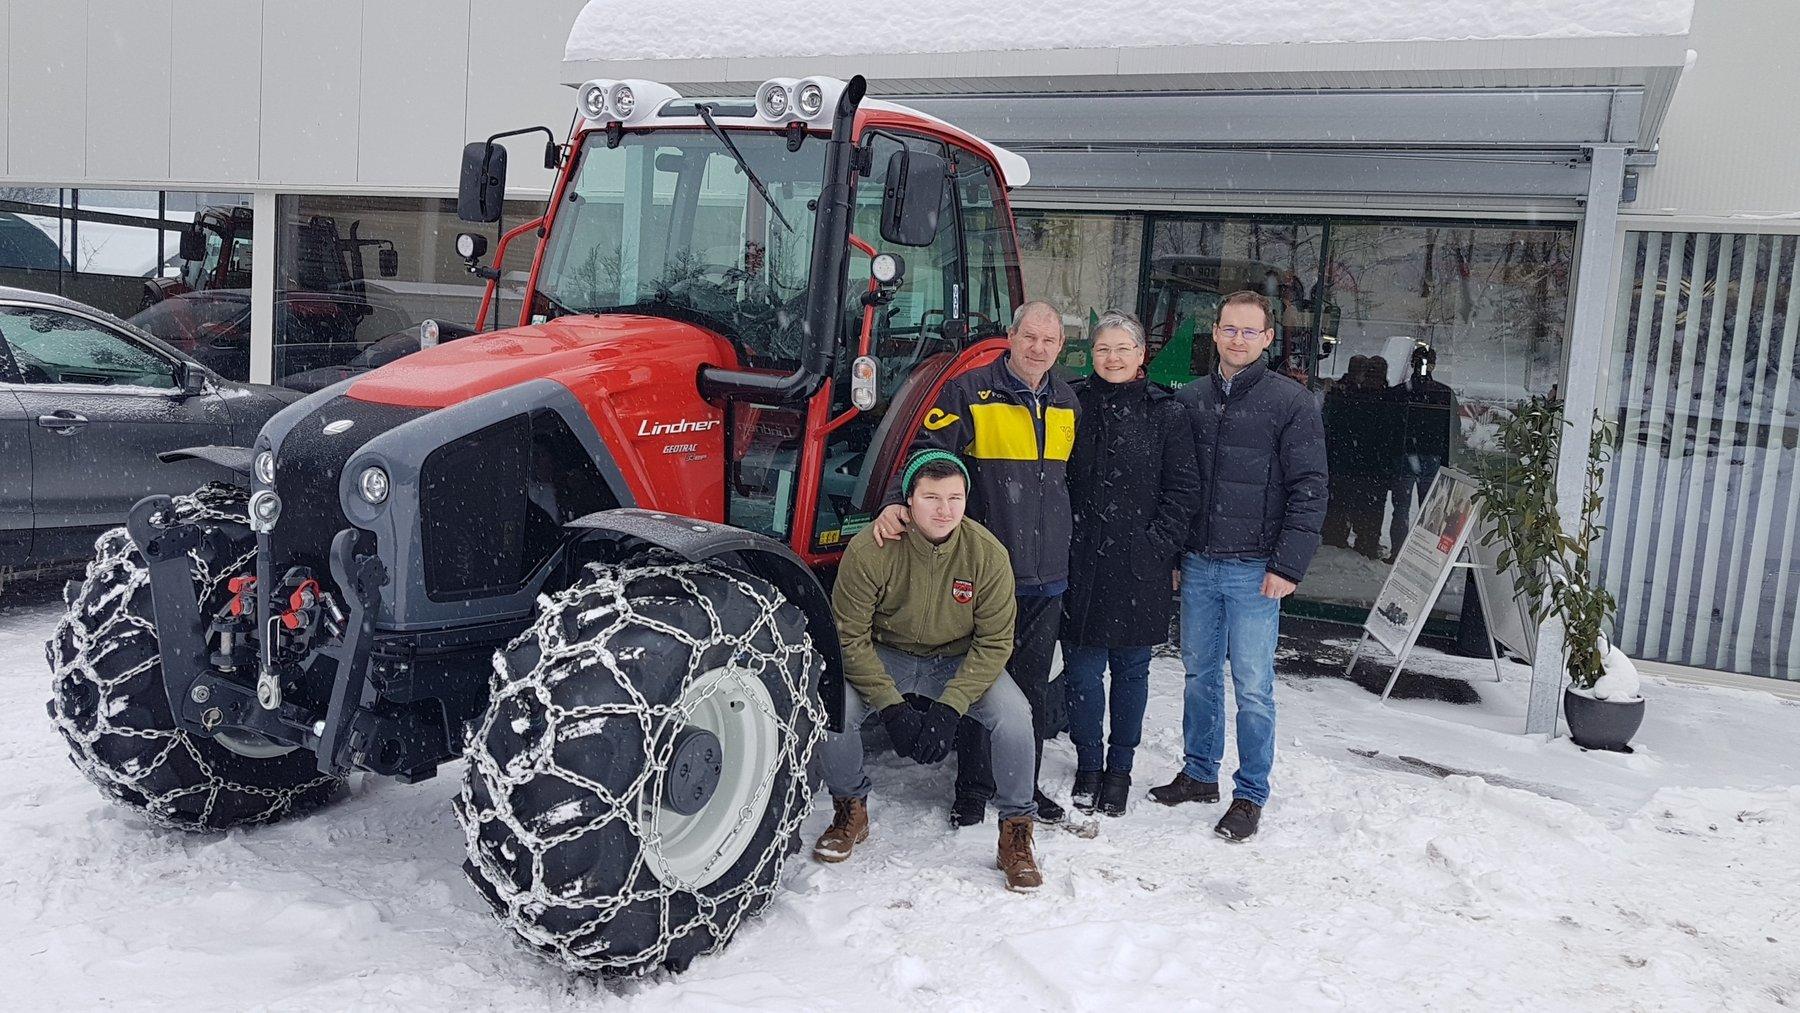 übergabe Lindner Geotrac 84ep An Familie Rainer Aus Moos Lagerhaus Gleinstätten